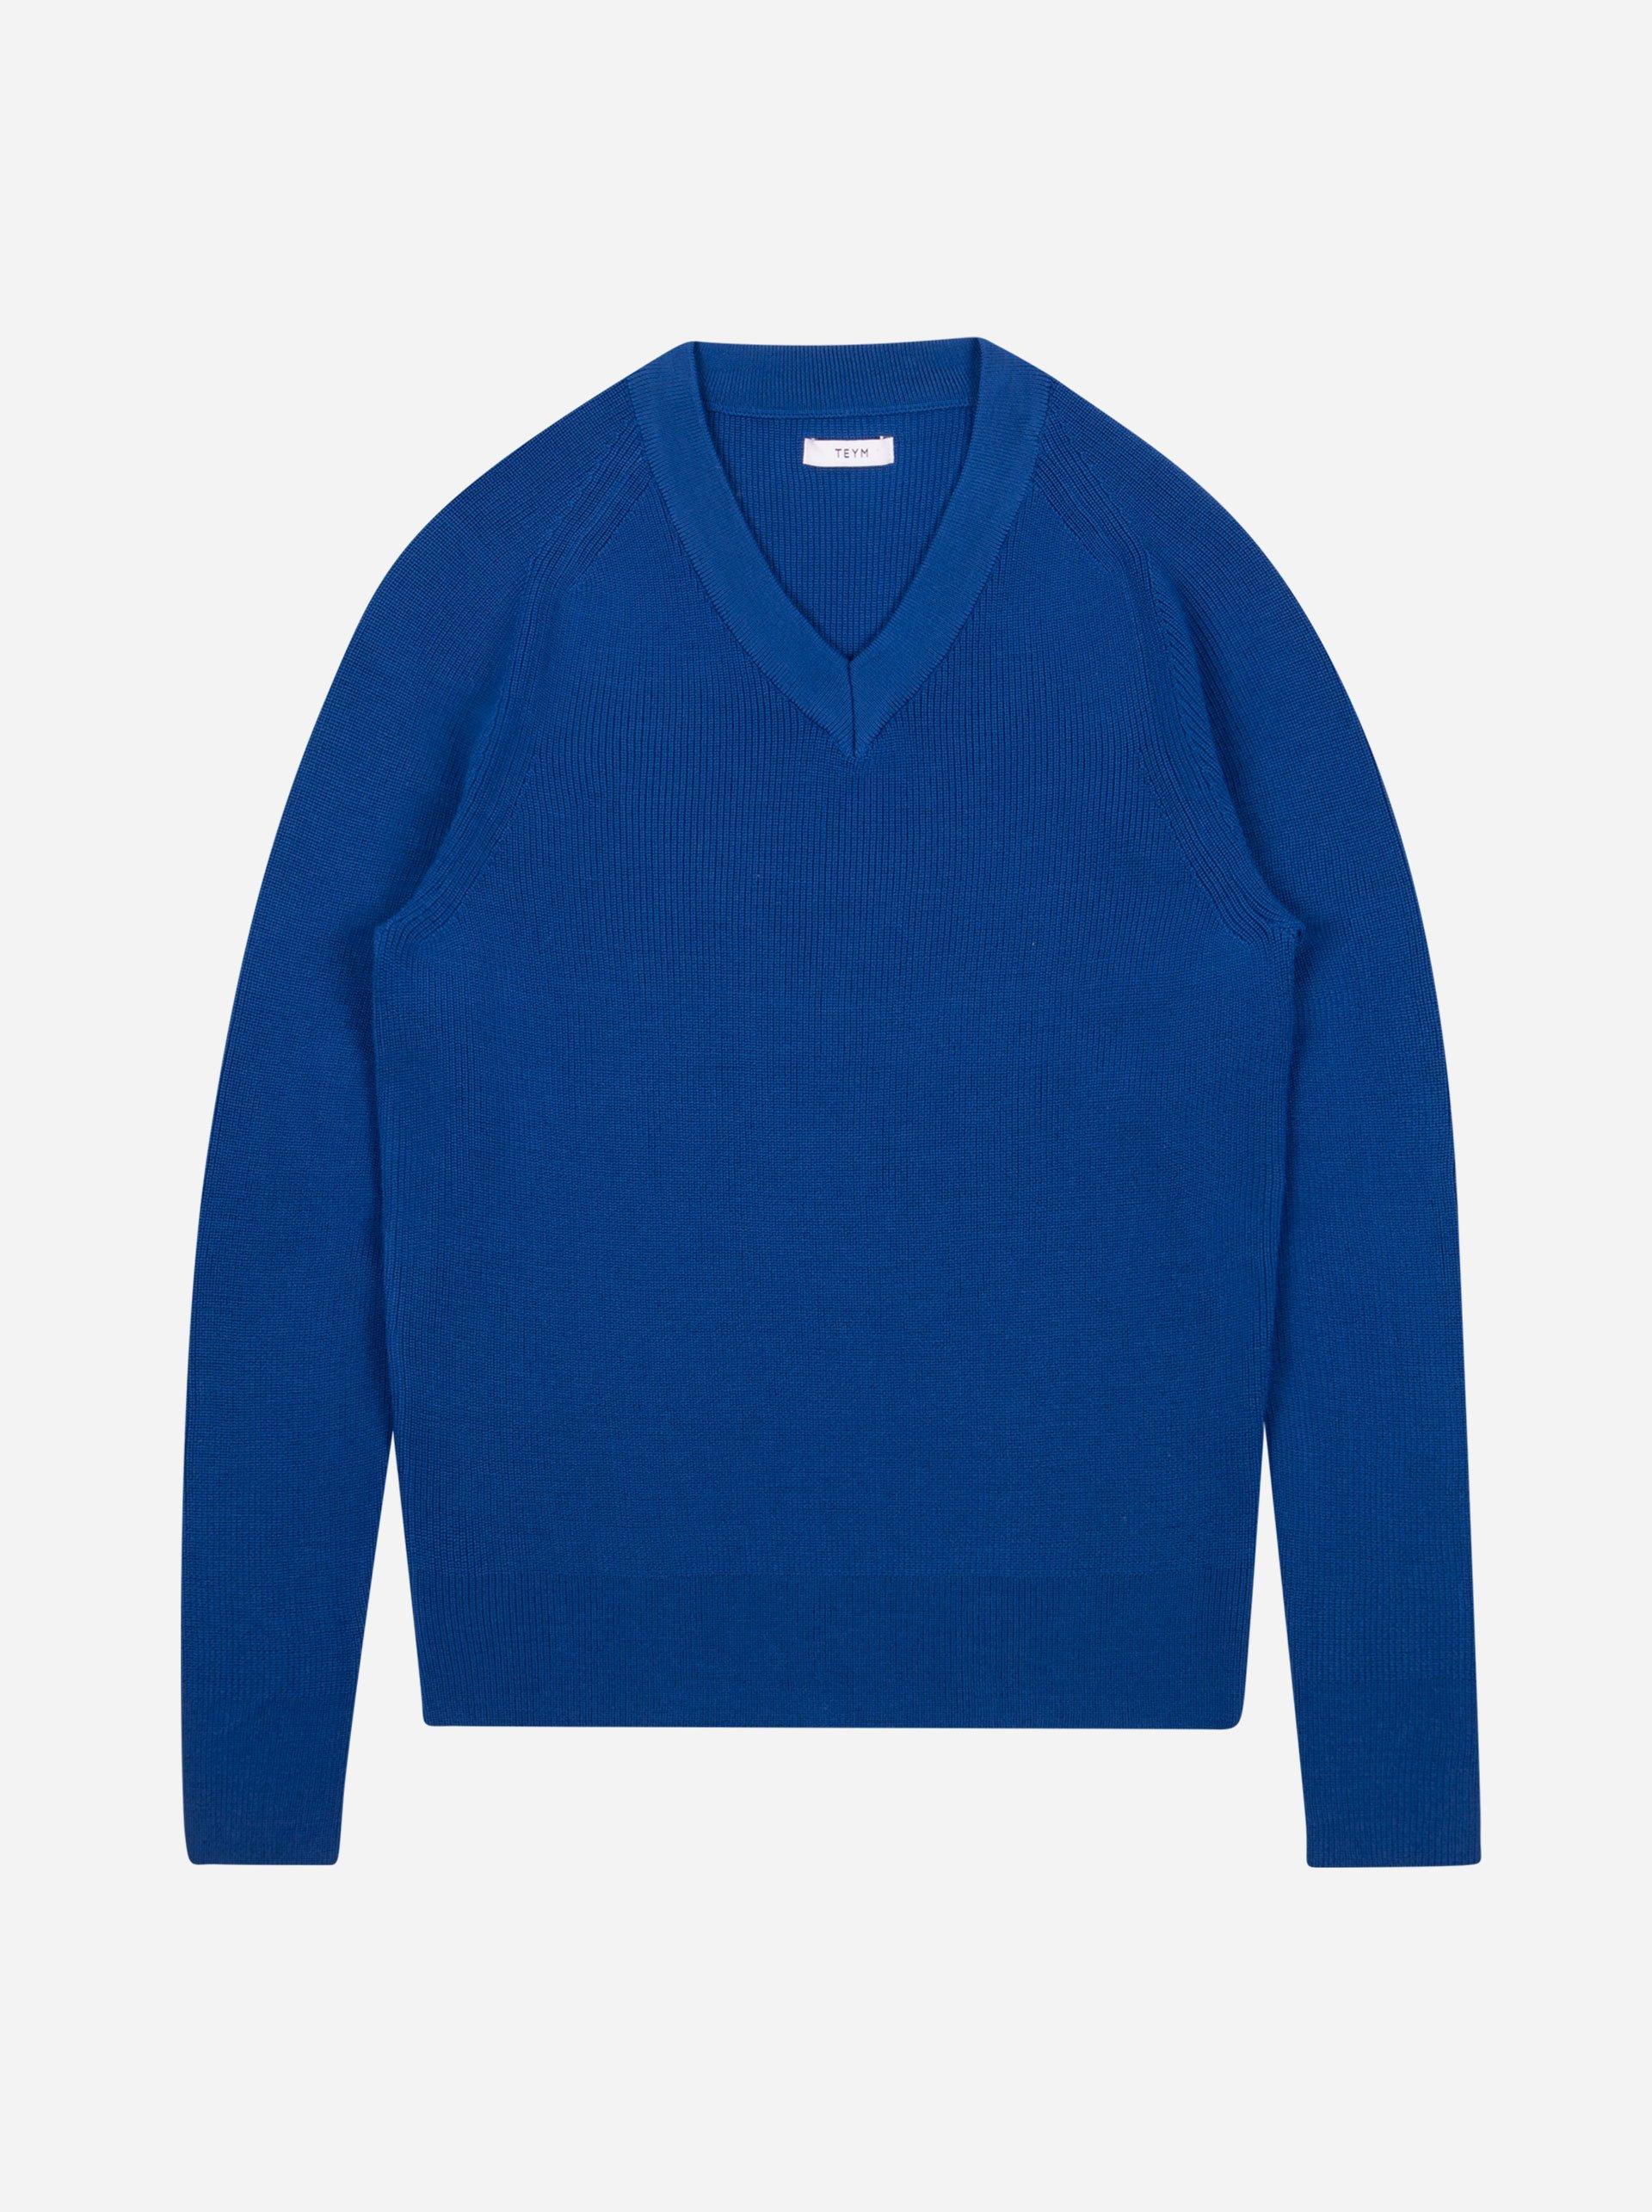 Teym - V-Neck - The Merino Sweater - Women - Cobalt Blue - 4